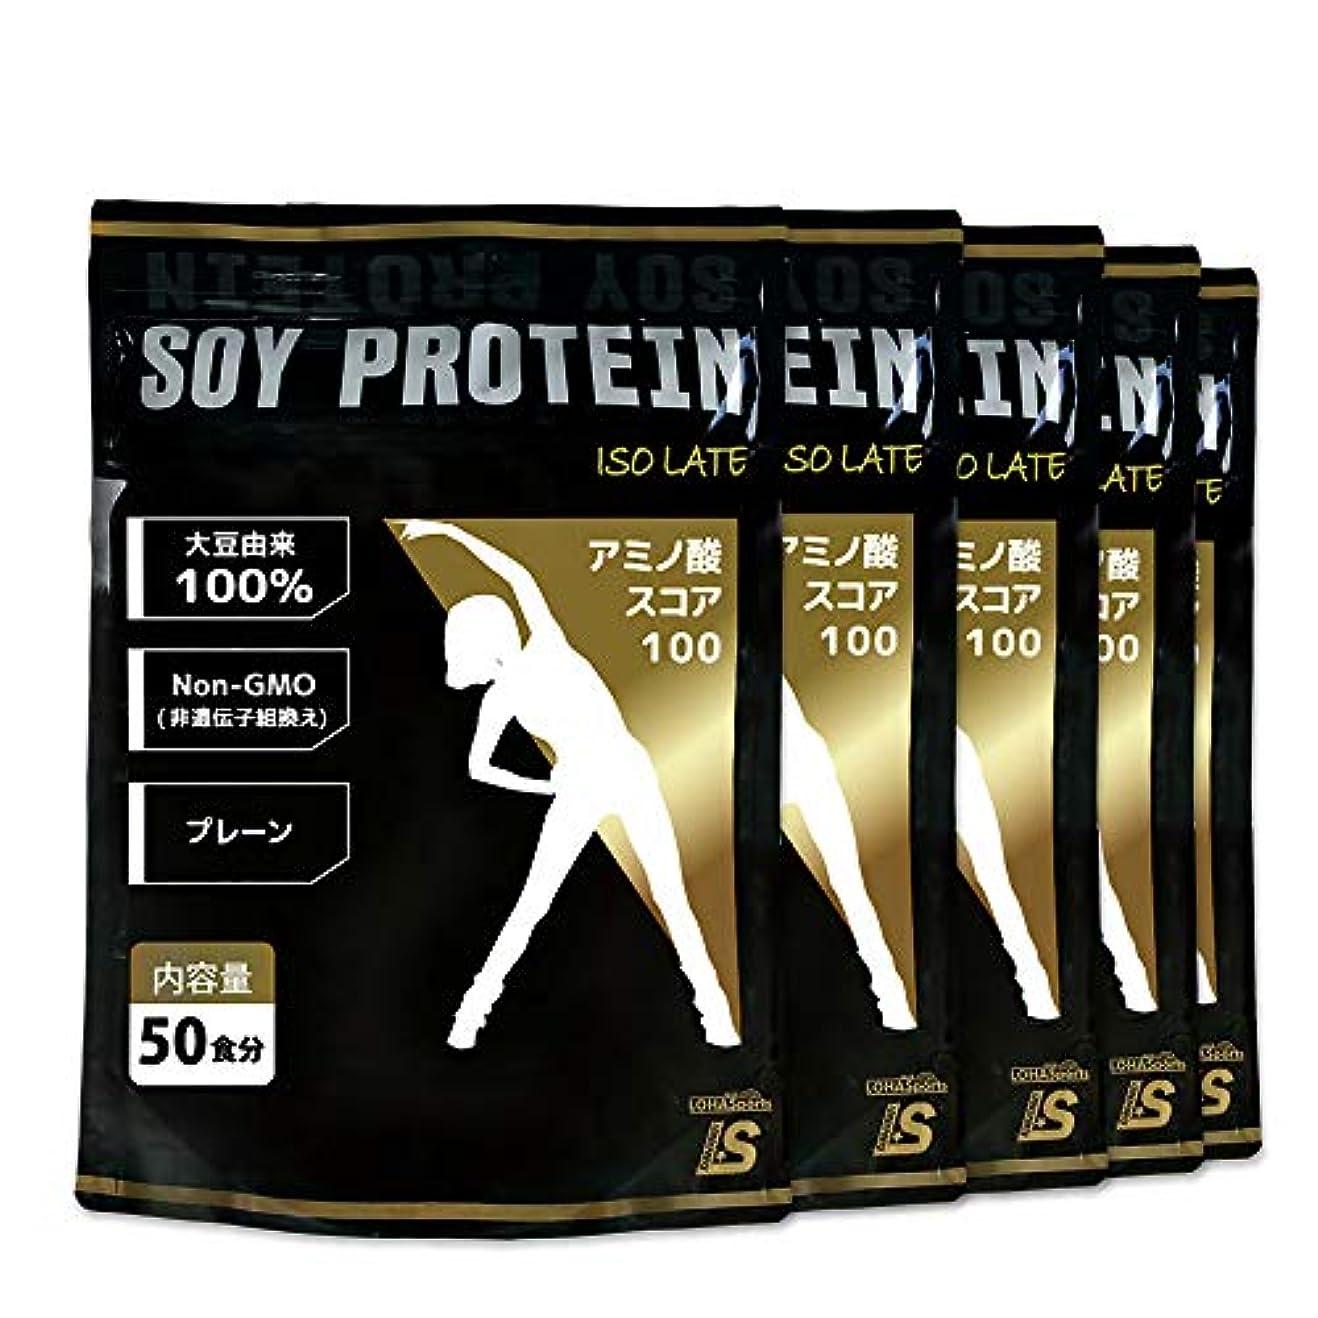 リレー獣遠えLOHAStyle ソイプロテイン 大豆プロテイン 無添加 ((5kg(1kg×5袋)) 約250食分) アミノ酸スコア100 [非遺伝子組み換え]